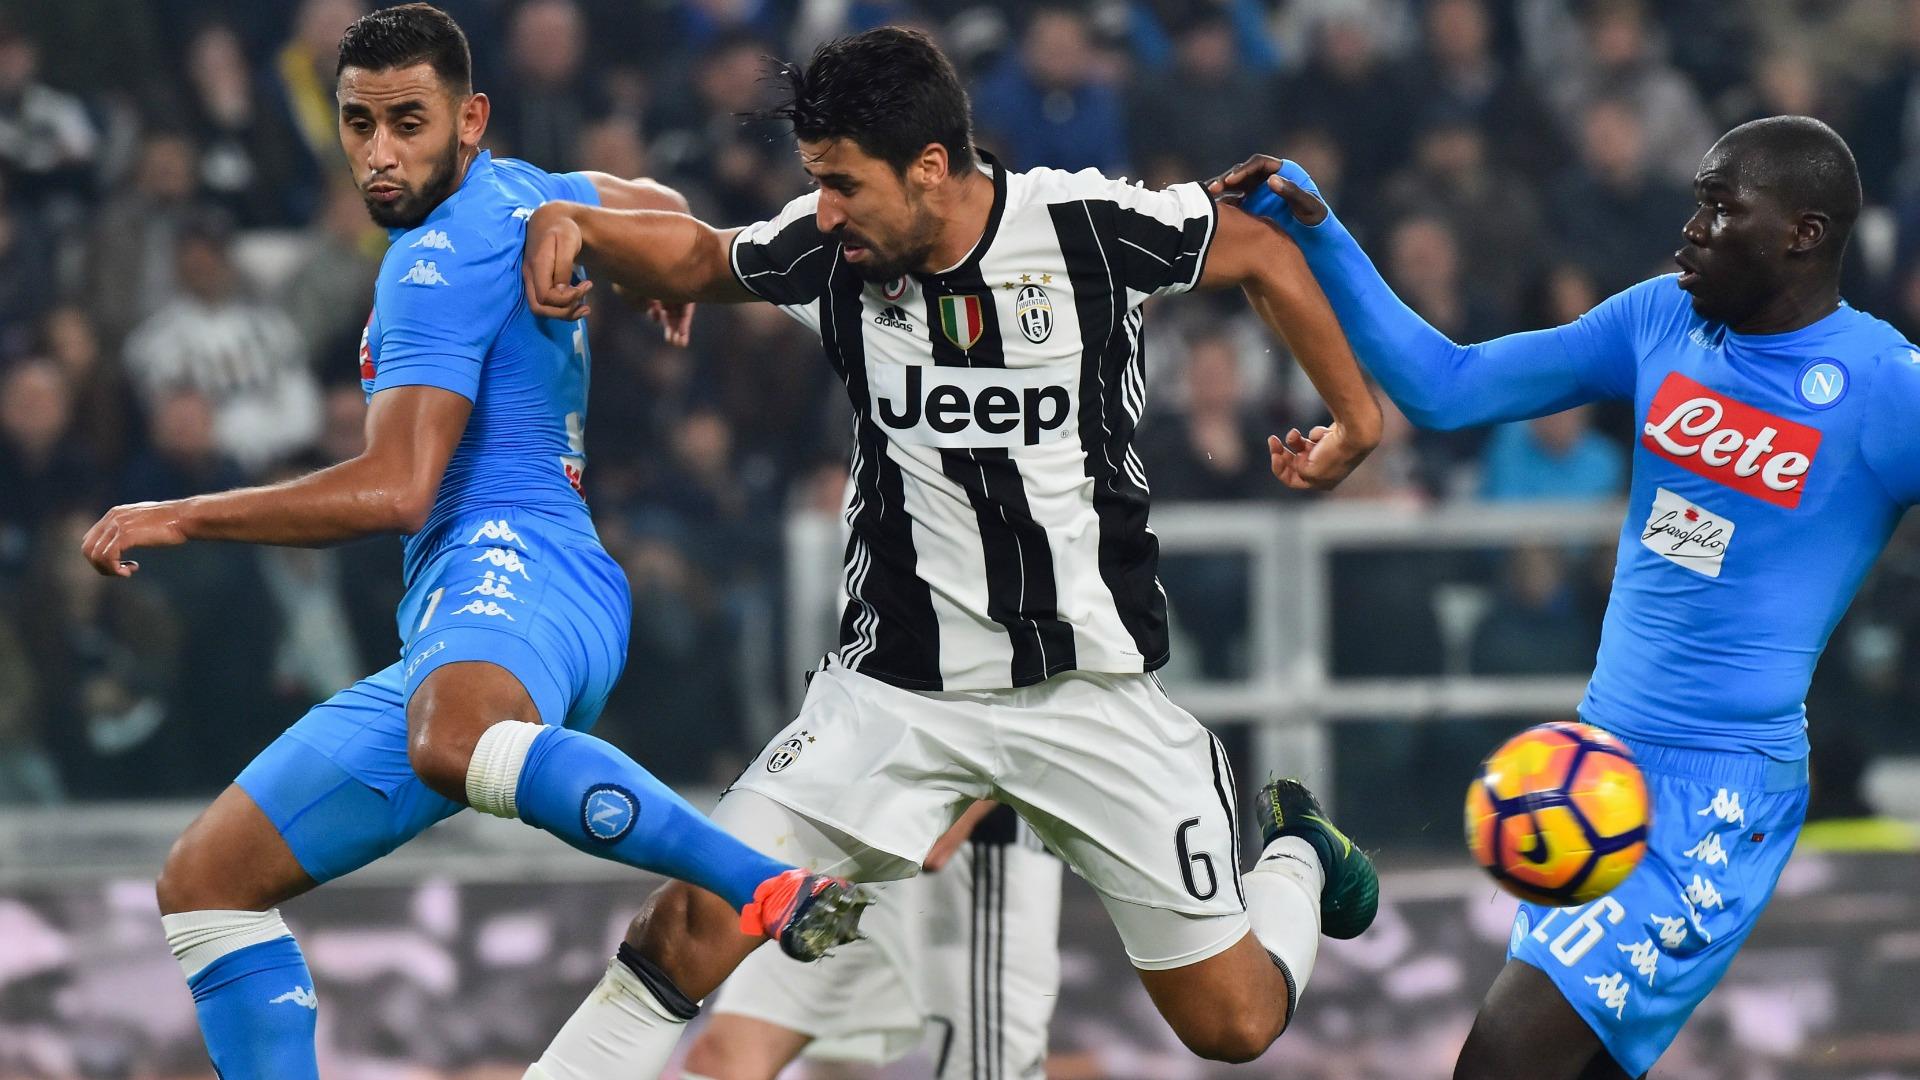 L'agente di Ghoulam offre il giocatore alla Juve: il Napoli dice no